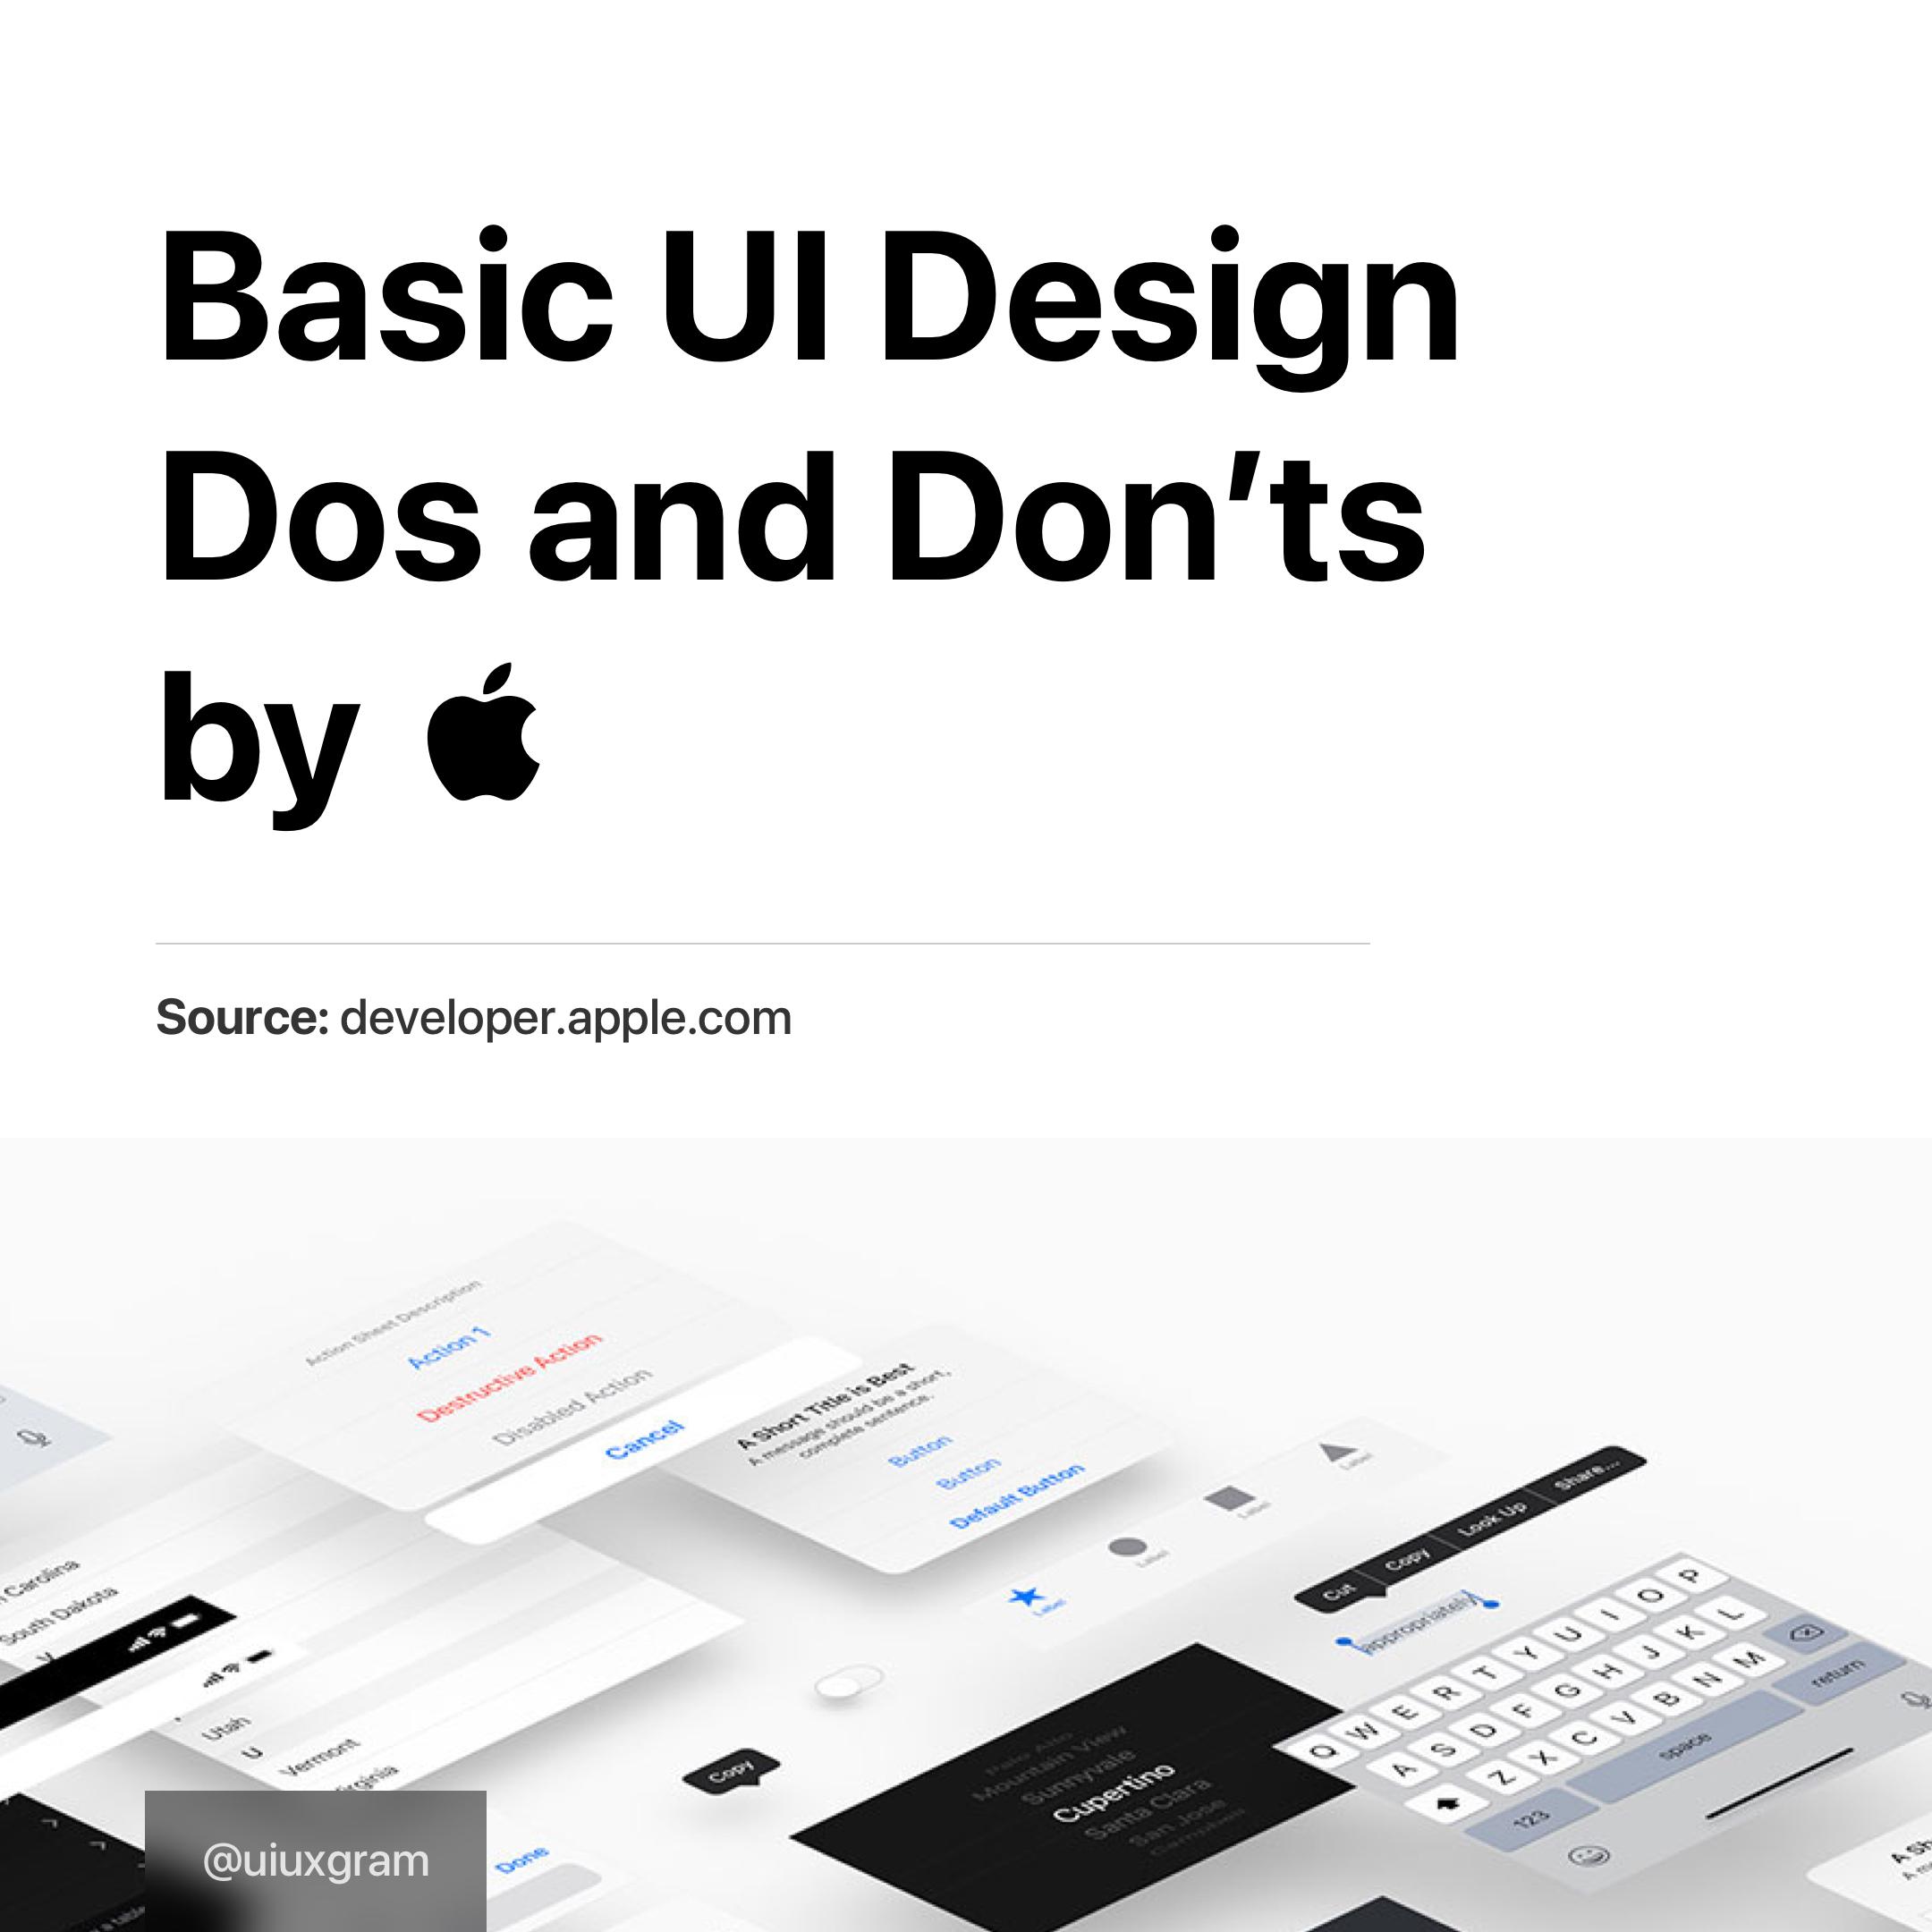 Basic UI design tips by Apple